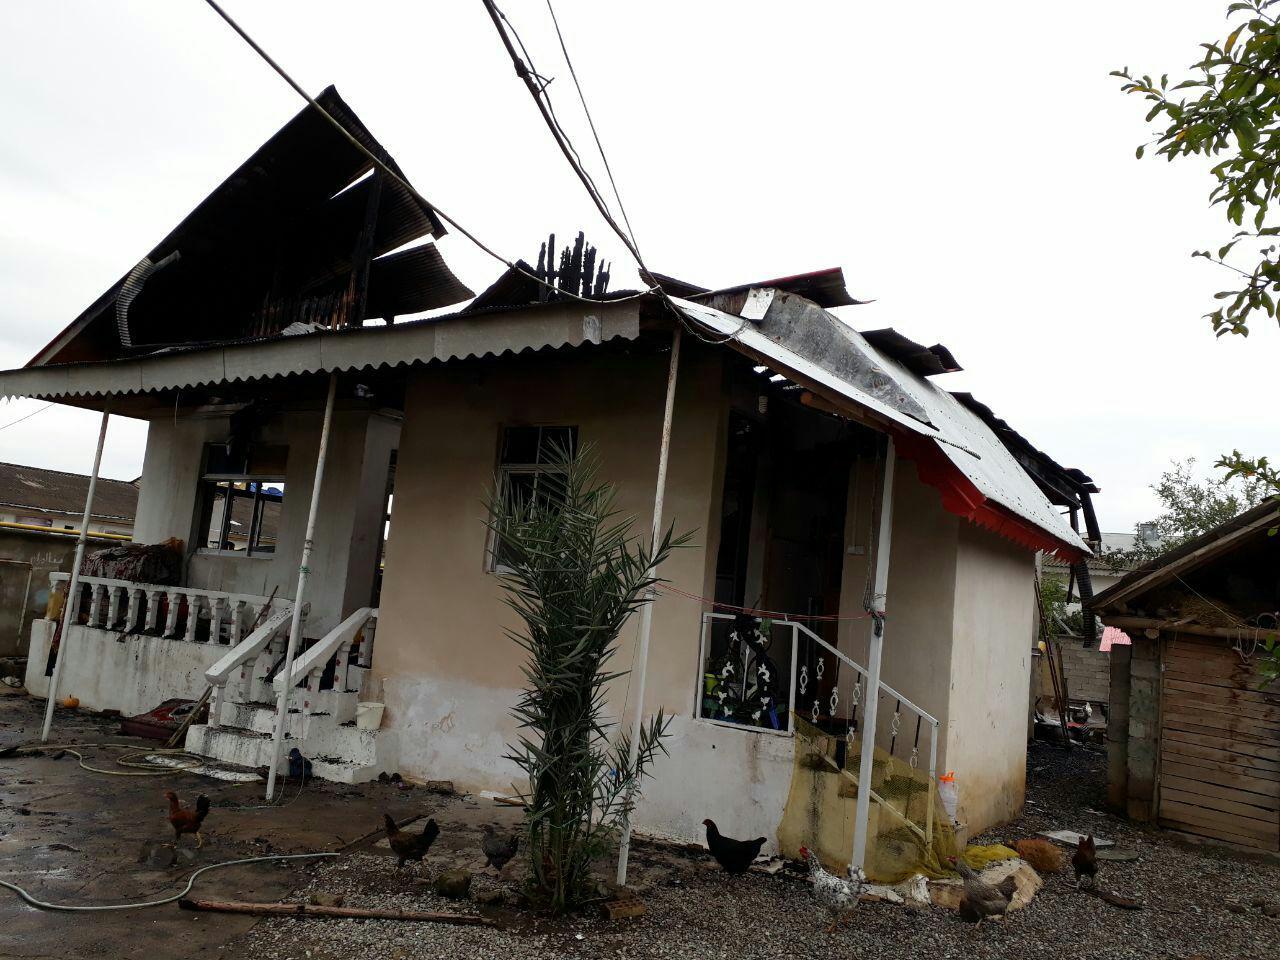 آتش سوزی یک واحد مسکونی در صومعه سرا+عکس